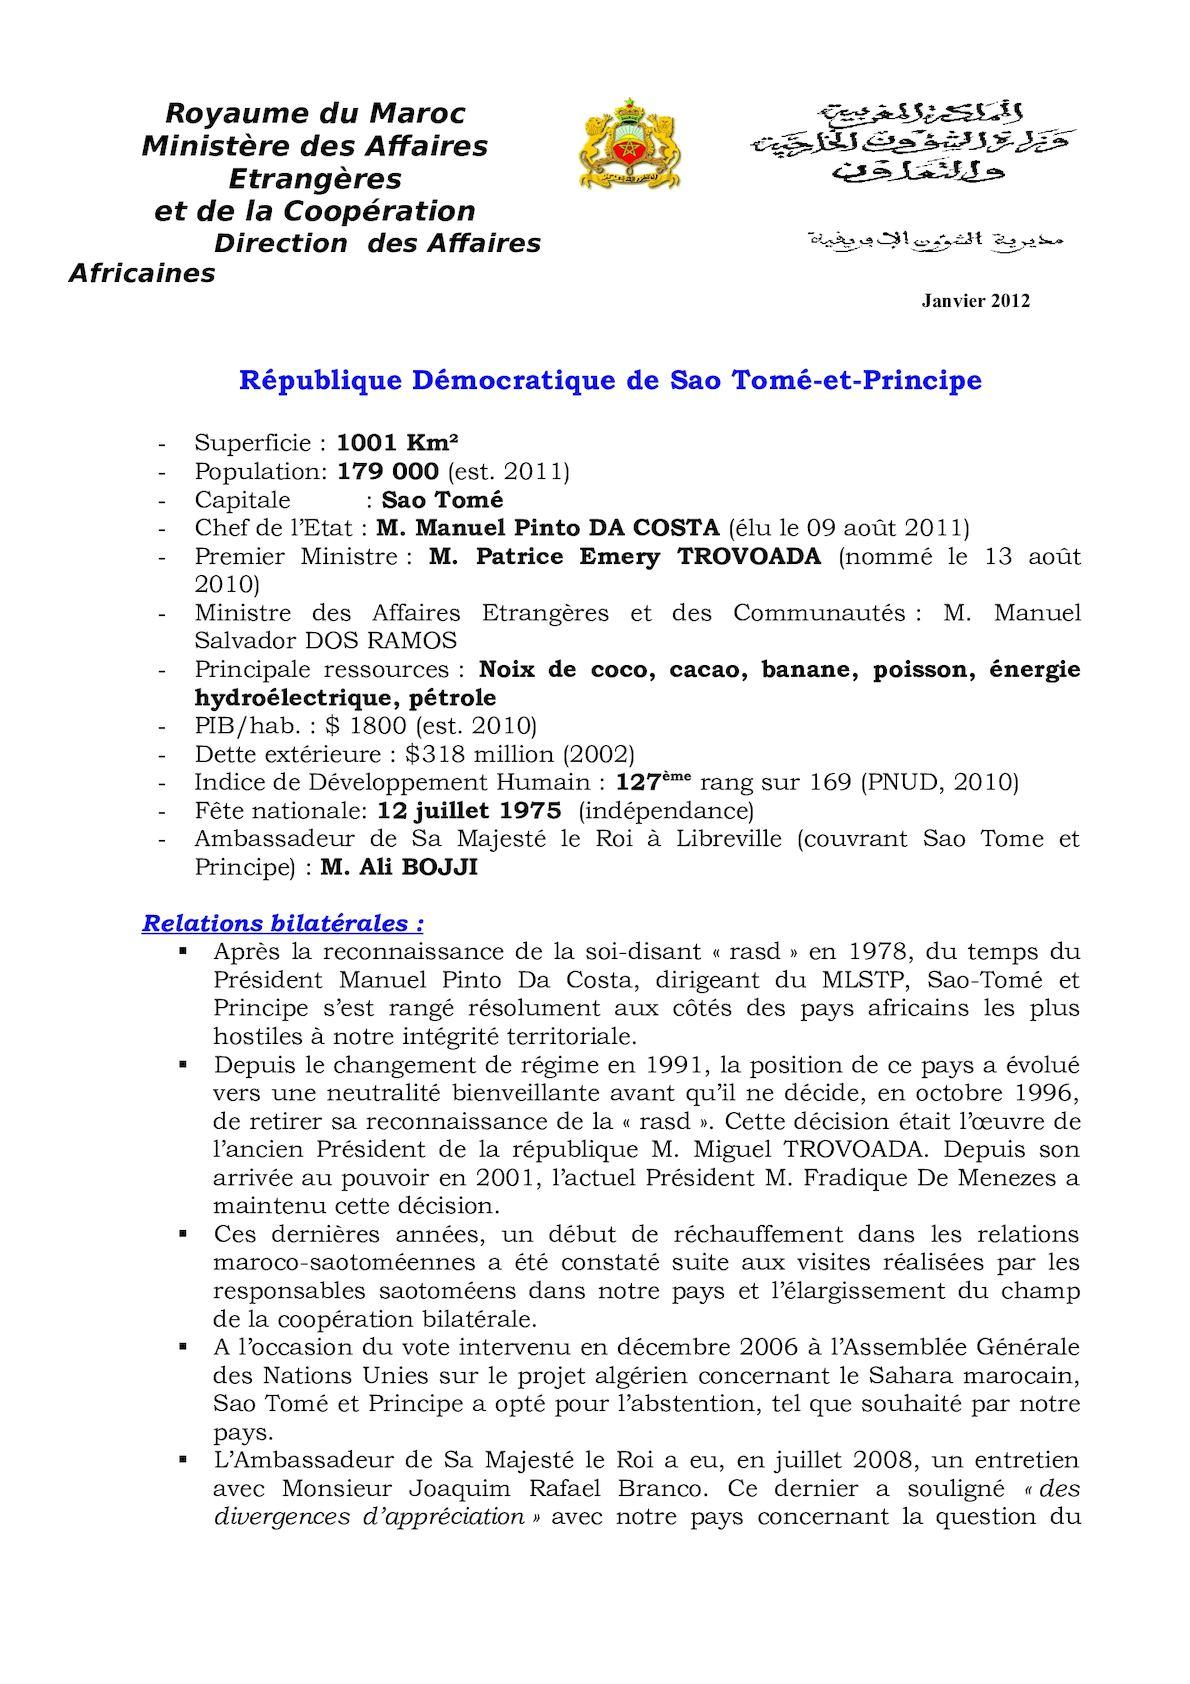 Fiche Succincte Sao Tomé Et Principé, Janvier 2012